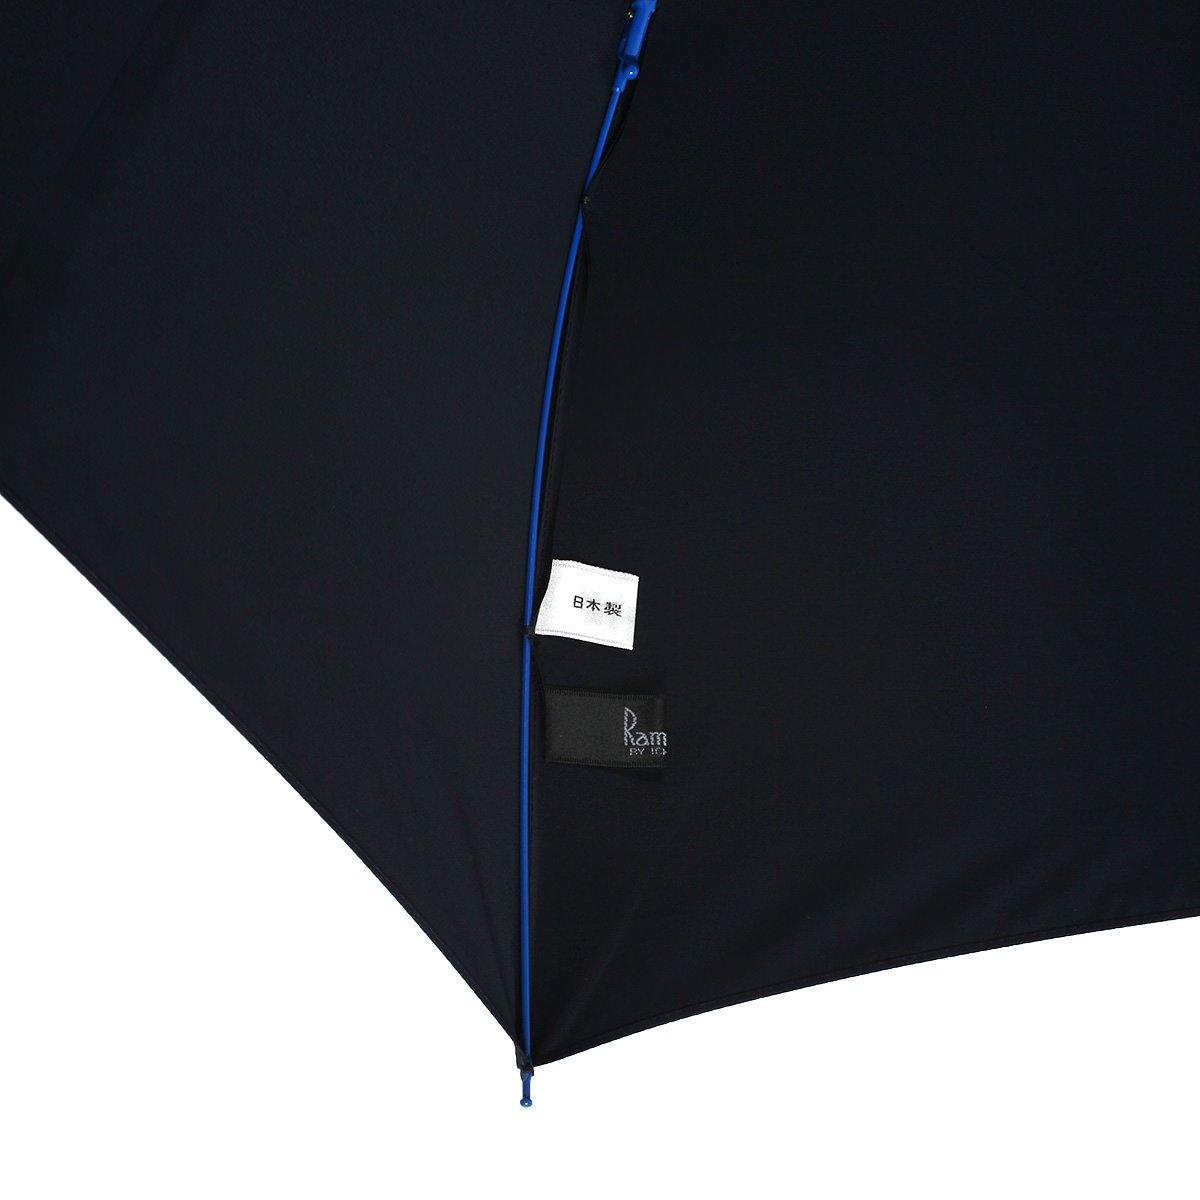 強力撥水 レインドロップ レクタス カラー骨 2段折 折りたたみ傘 詳細画像8